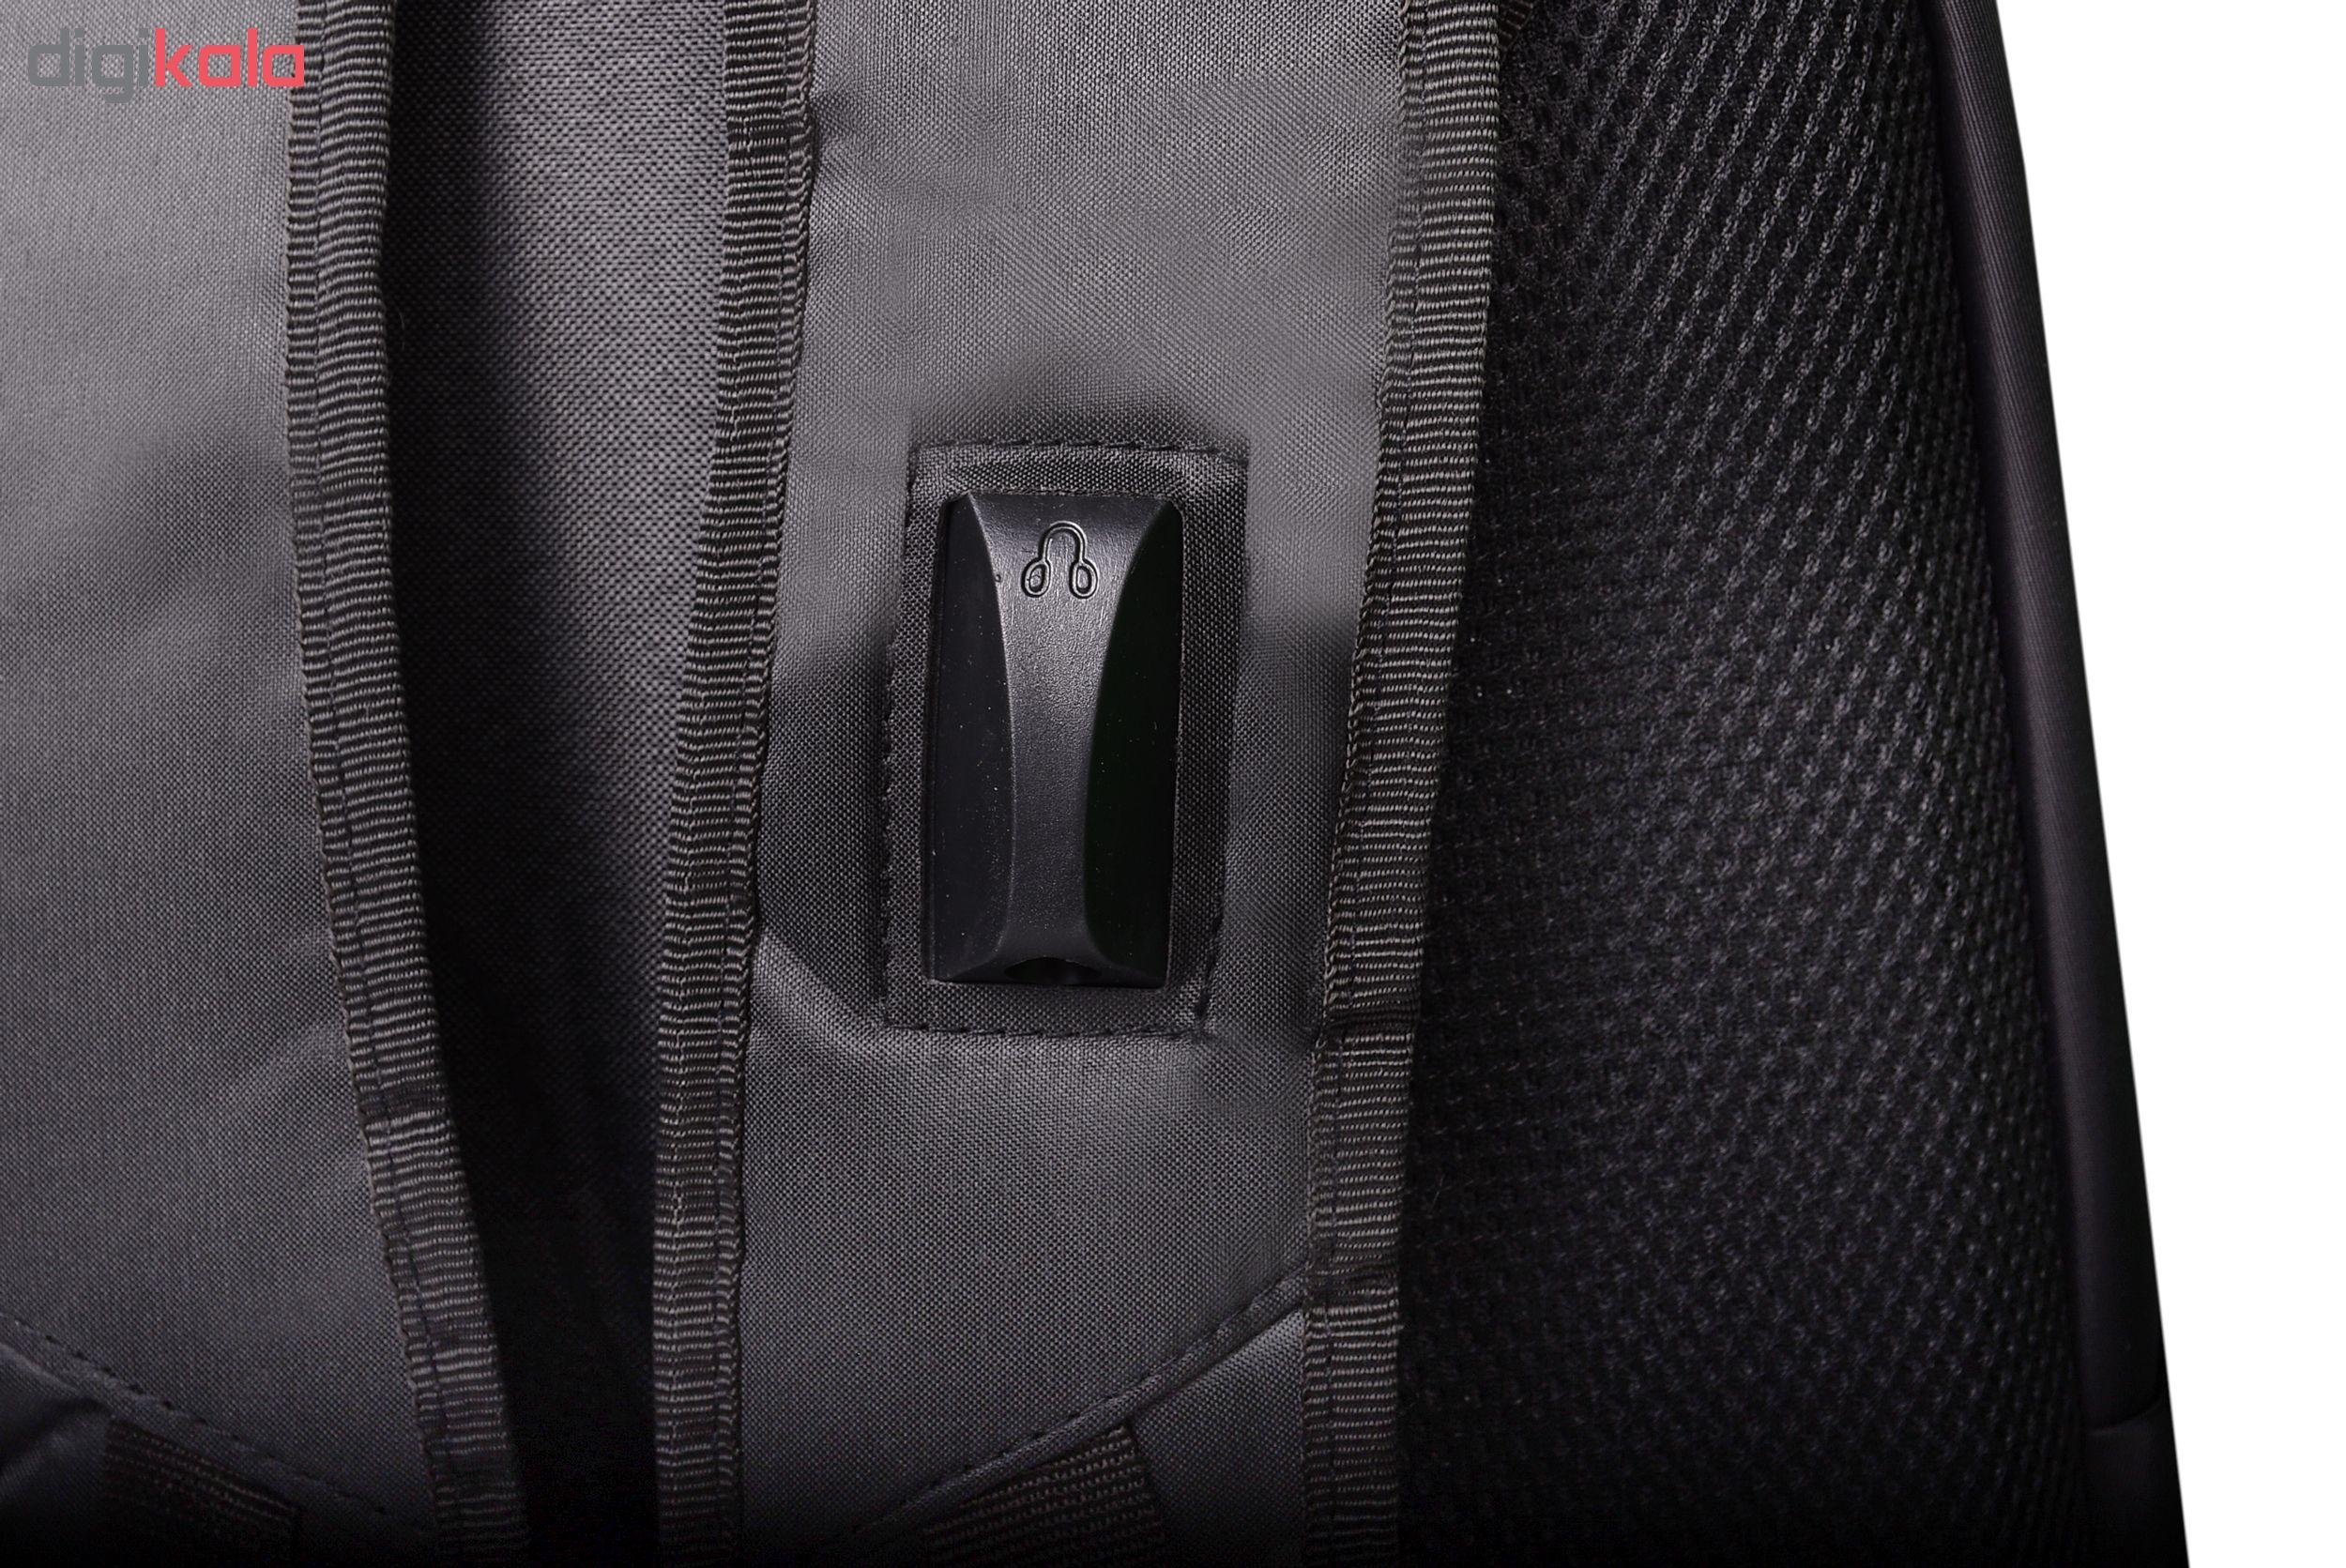 کوله پشتی لپ تاپ مدل M Zip 4185 مناسب برای لپ تاپ 15.6 اینچی